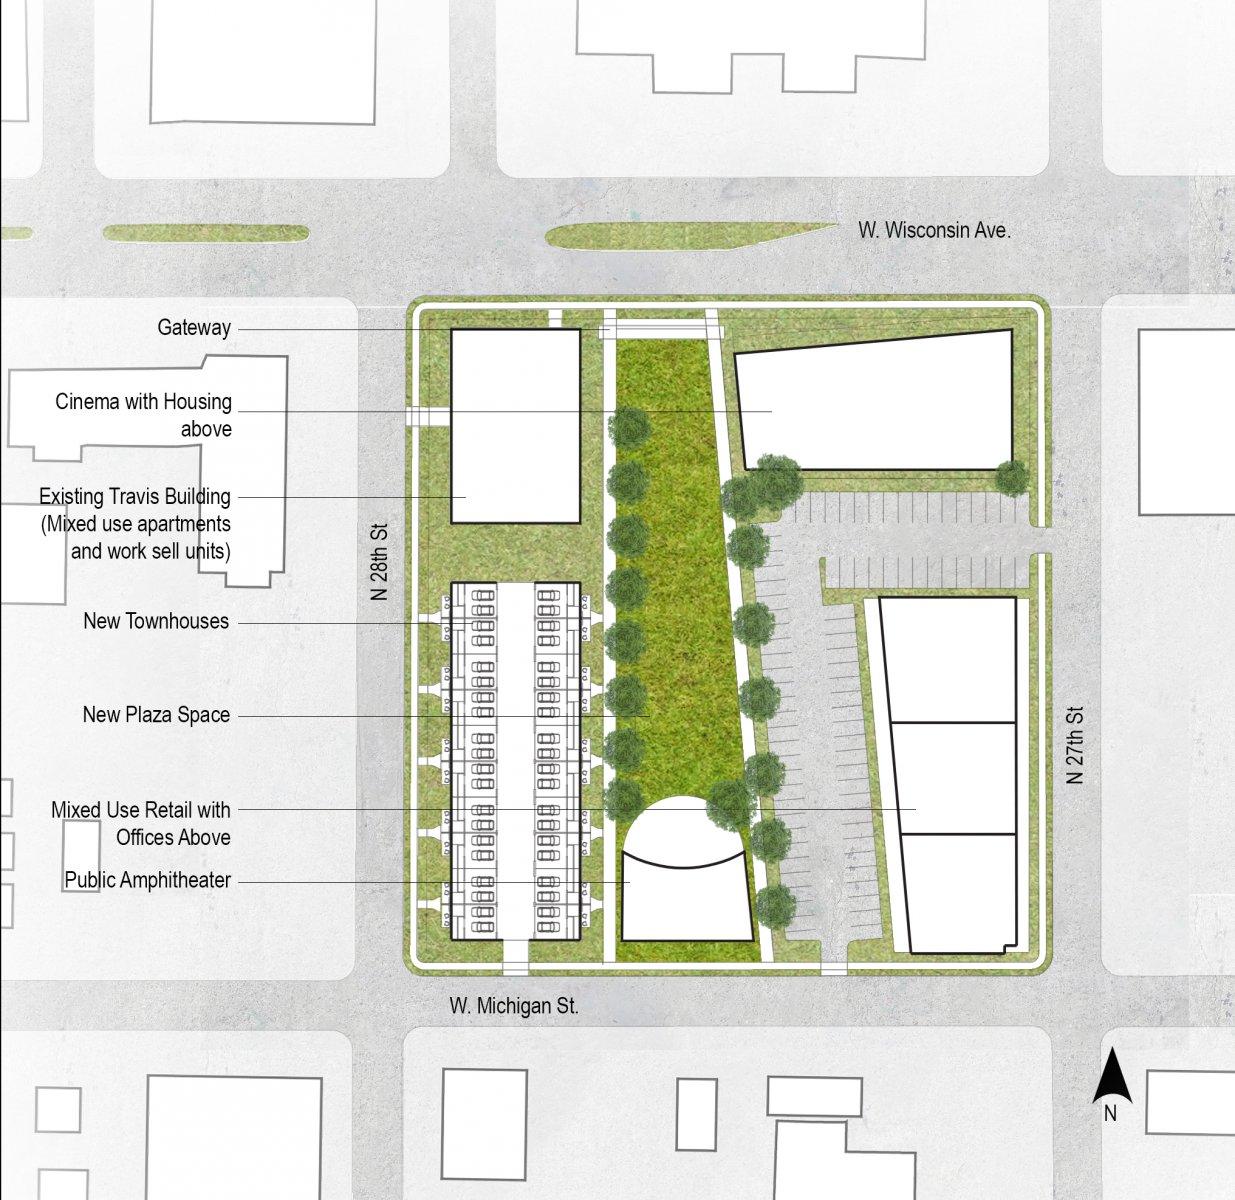 Charette site plan